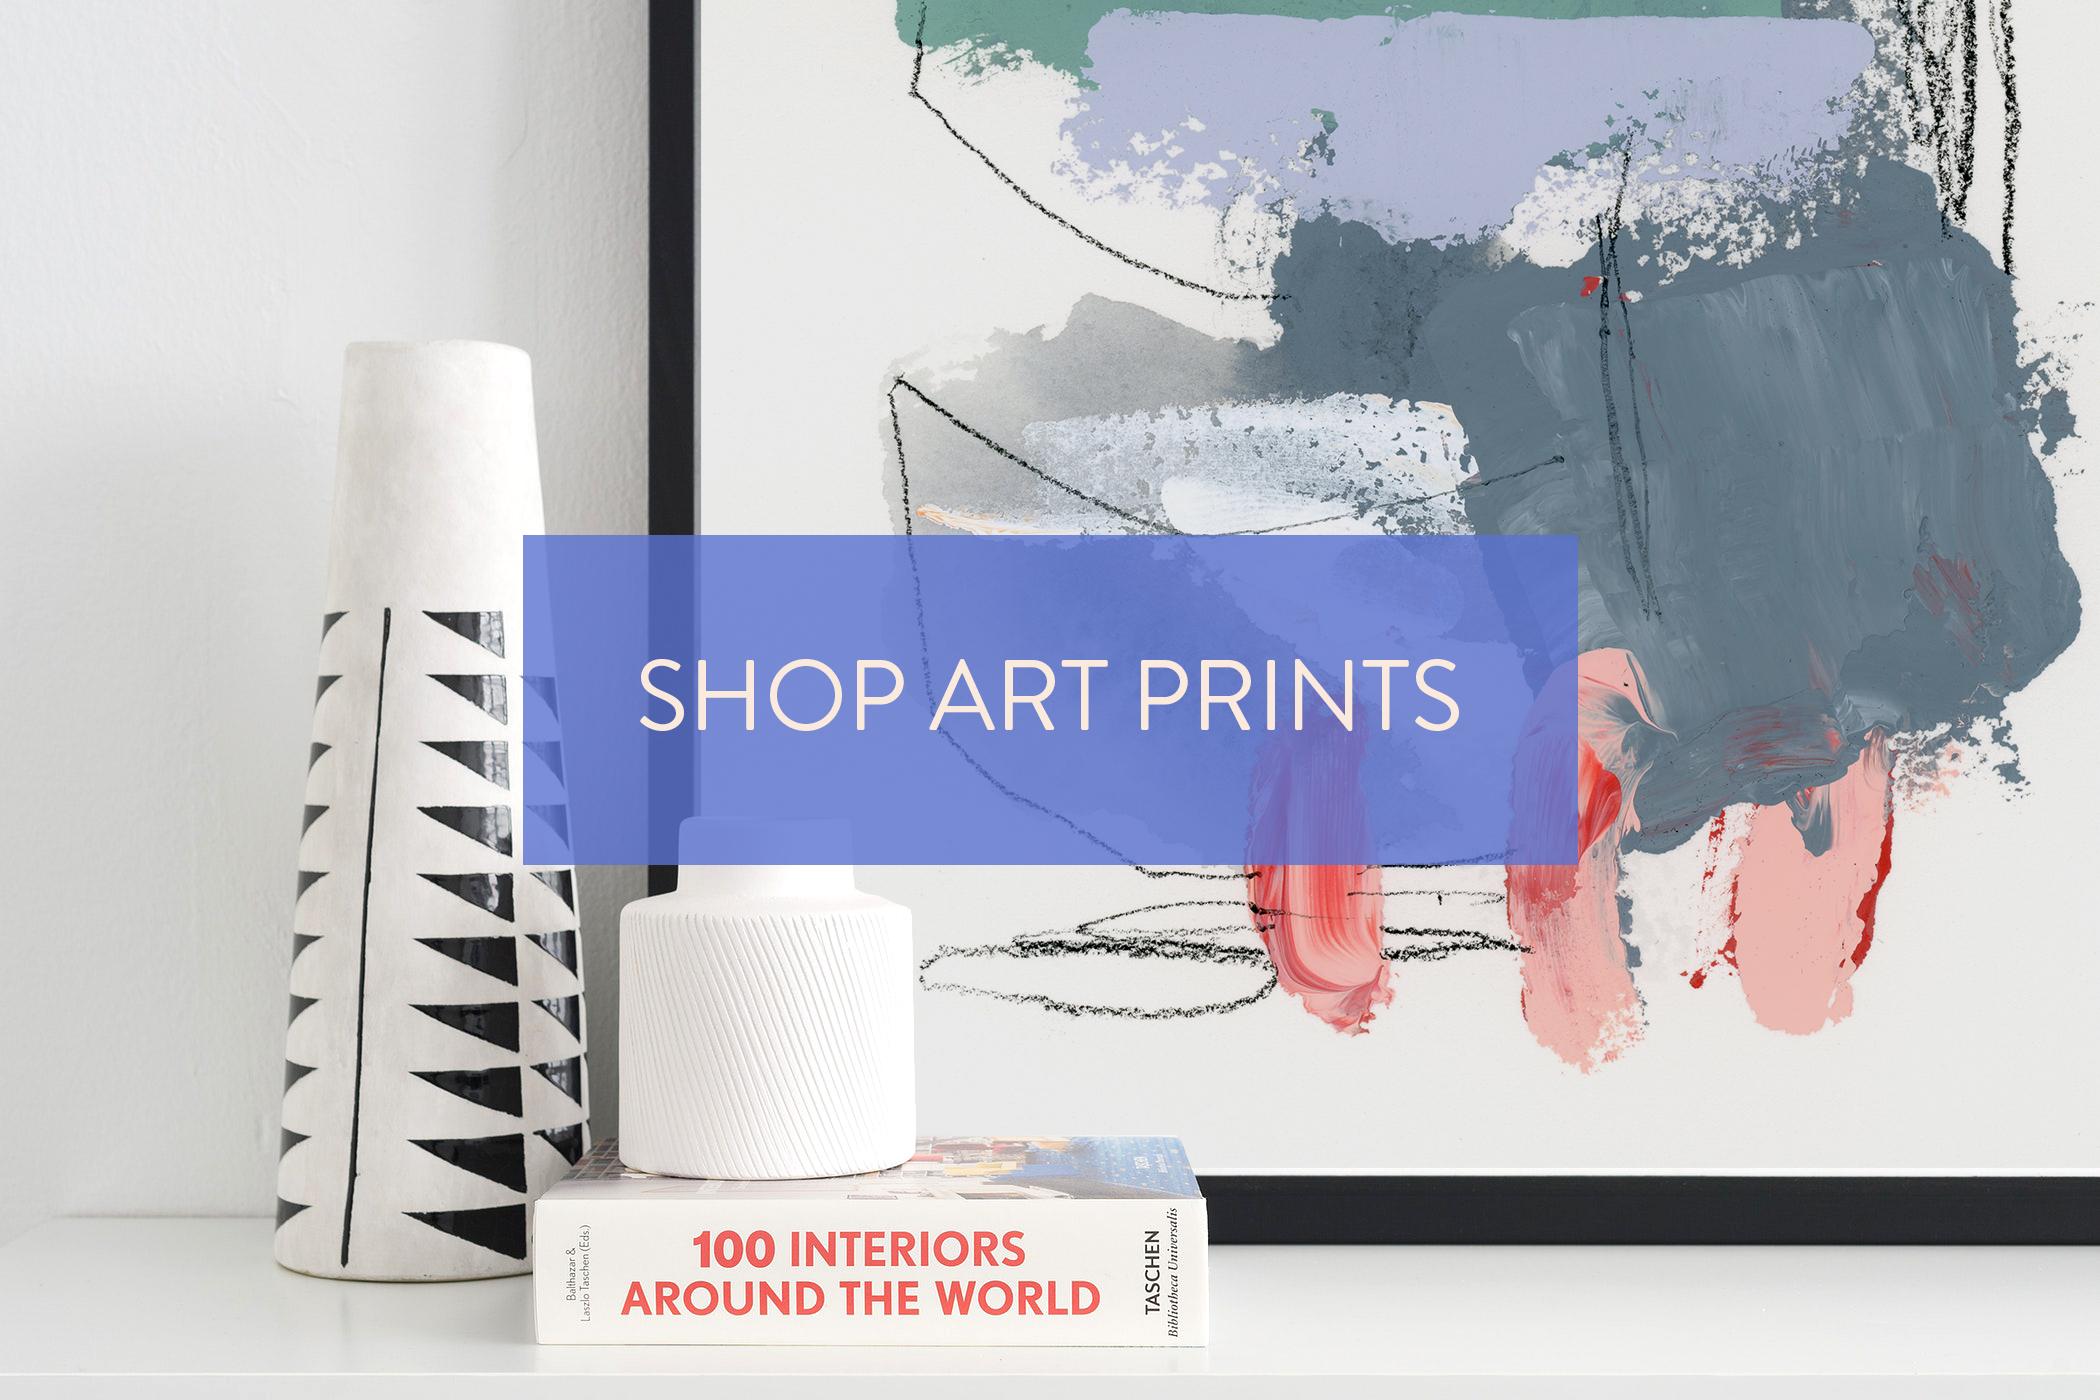 shop artwork prints by artist lauren dusing